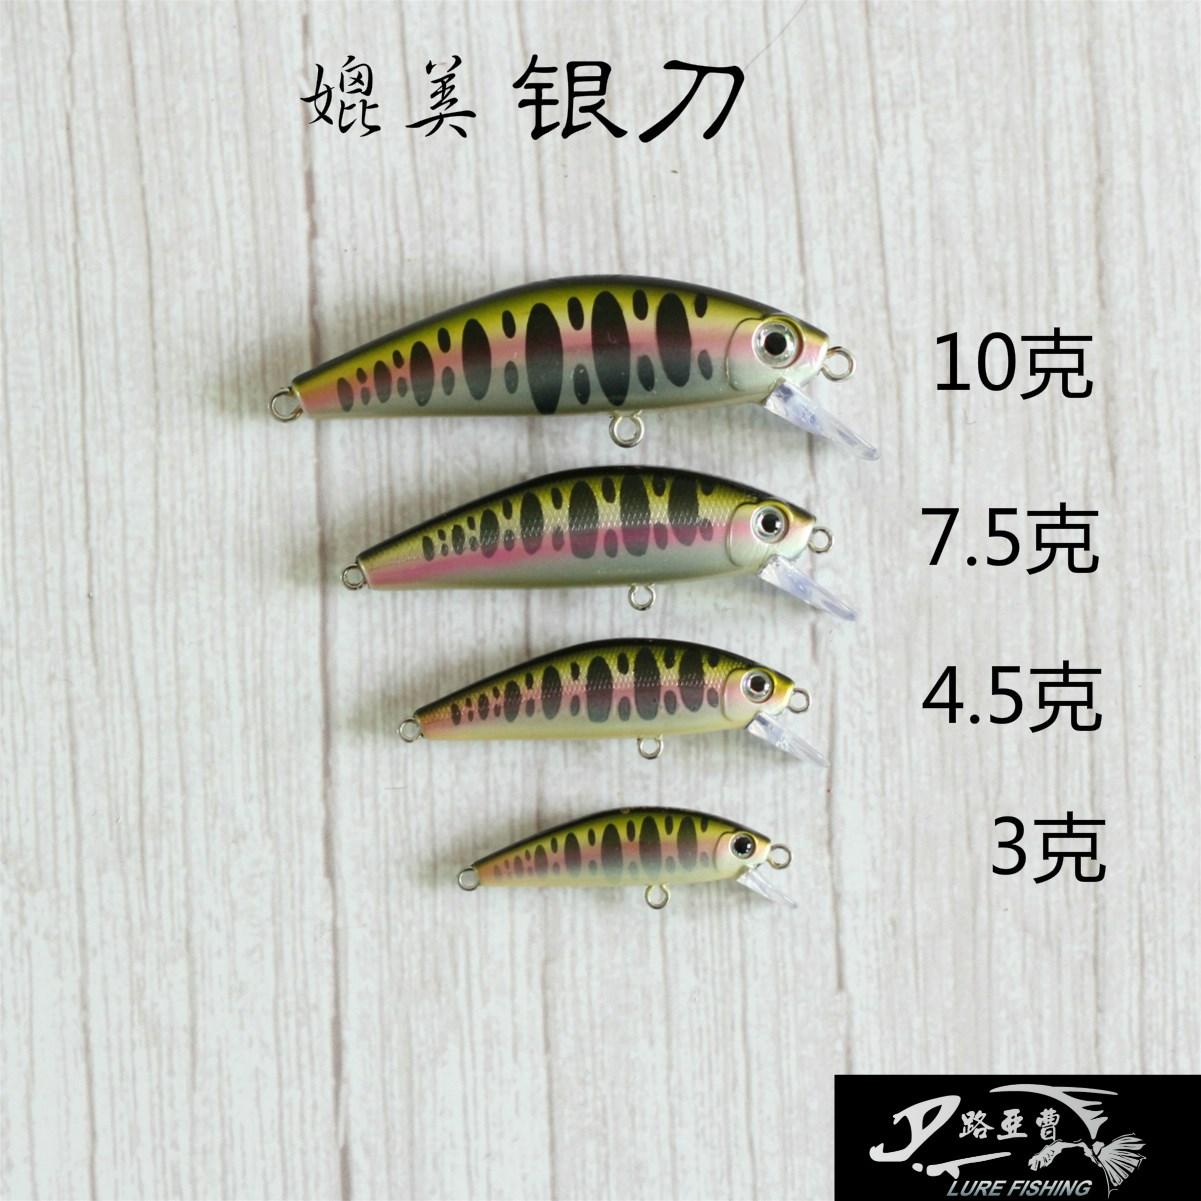 。 媲美银刀远投沉水米诺路亚饵7.5g/10g翘嘴鲈鱼鳜鱼路亚